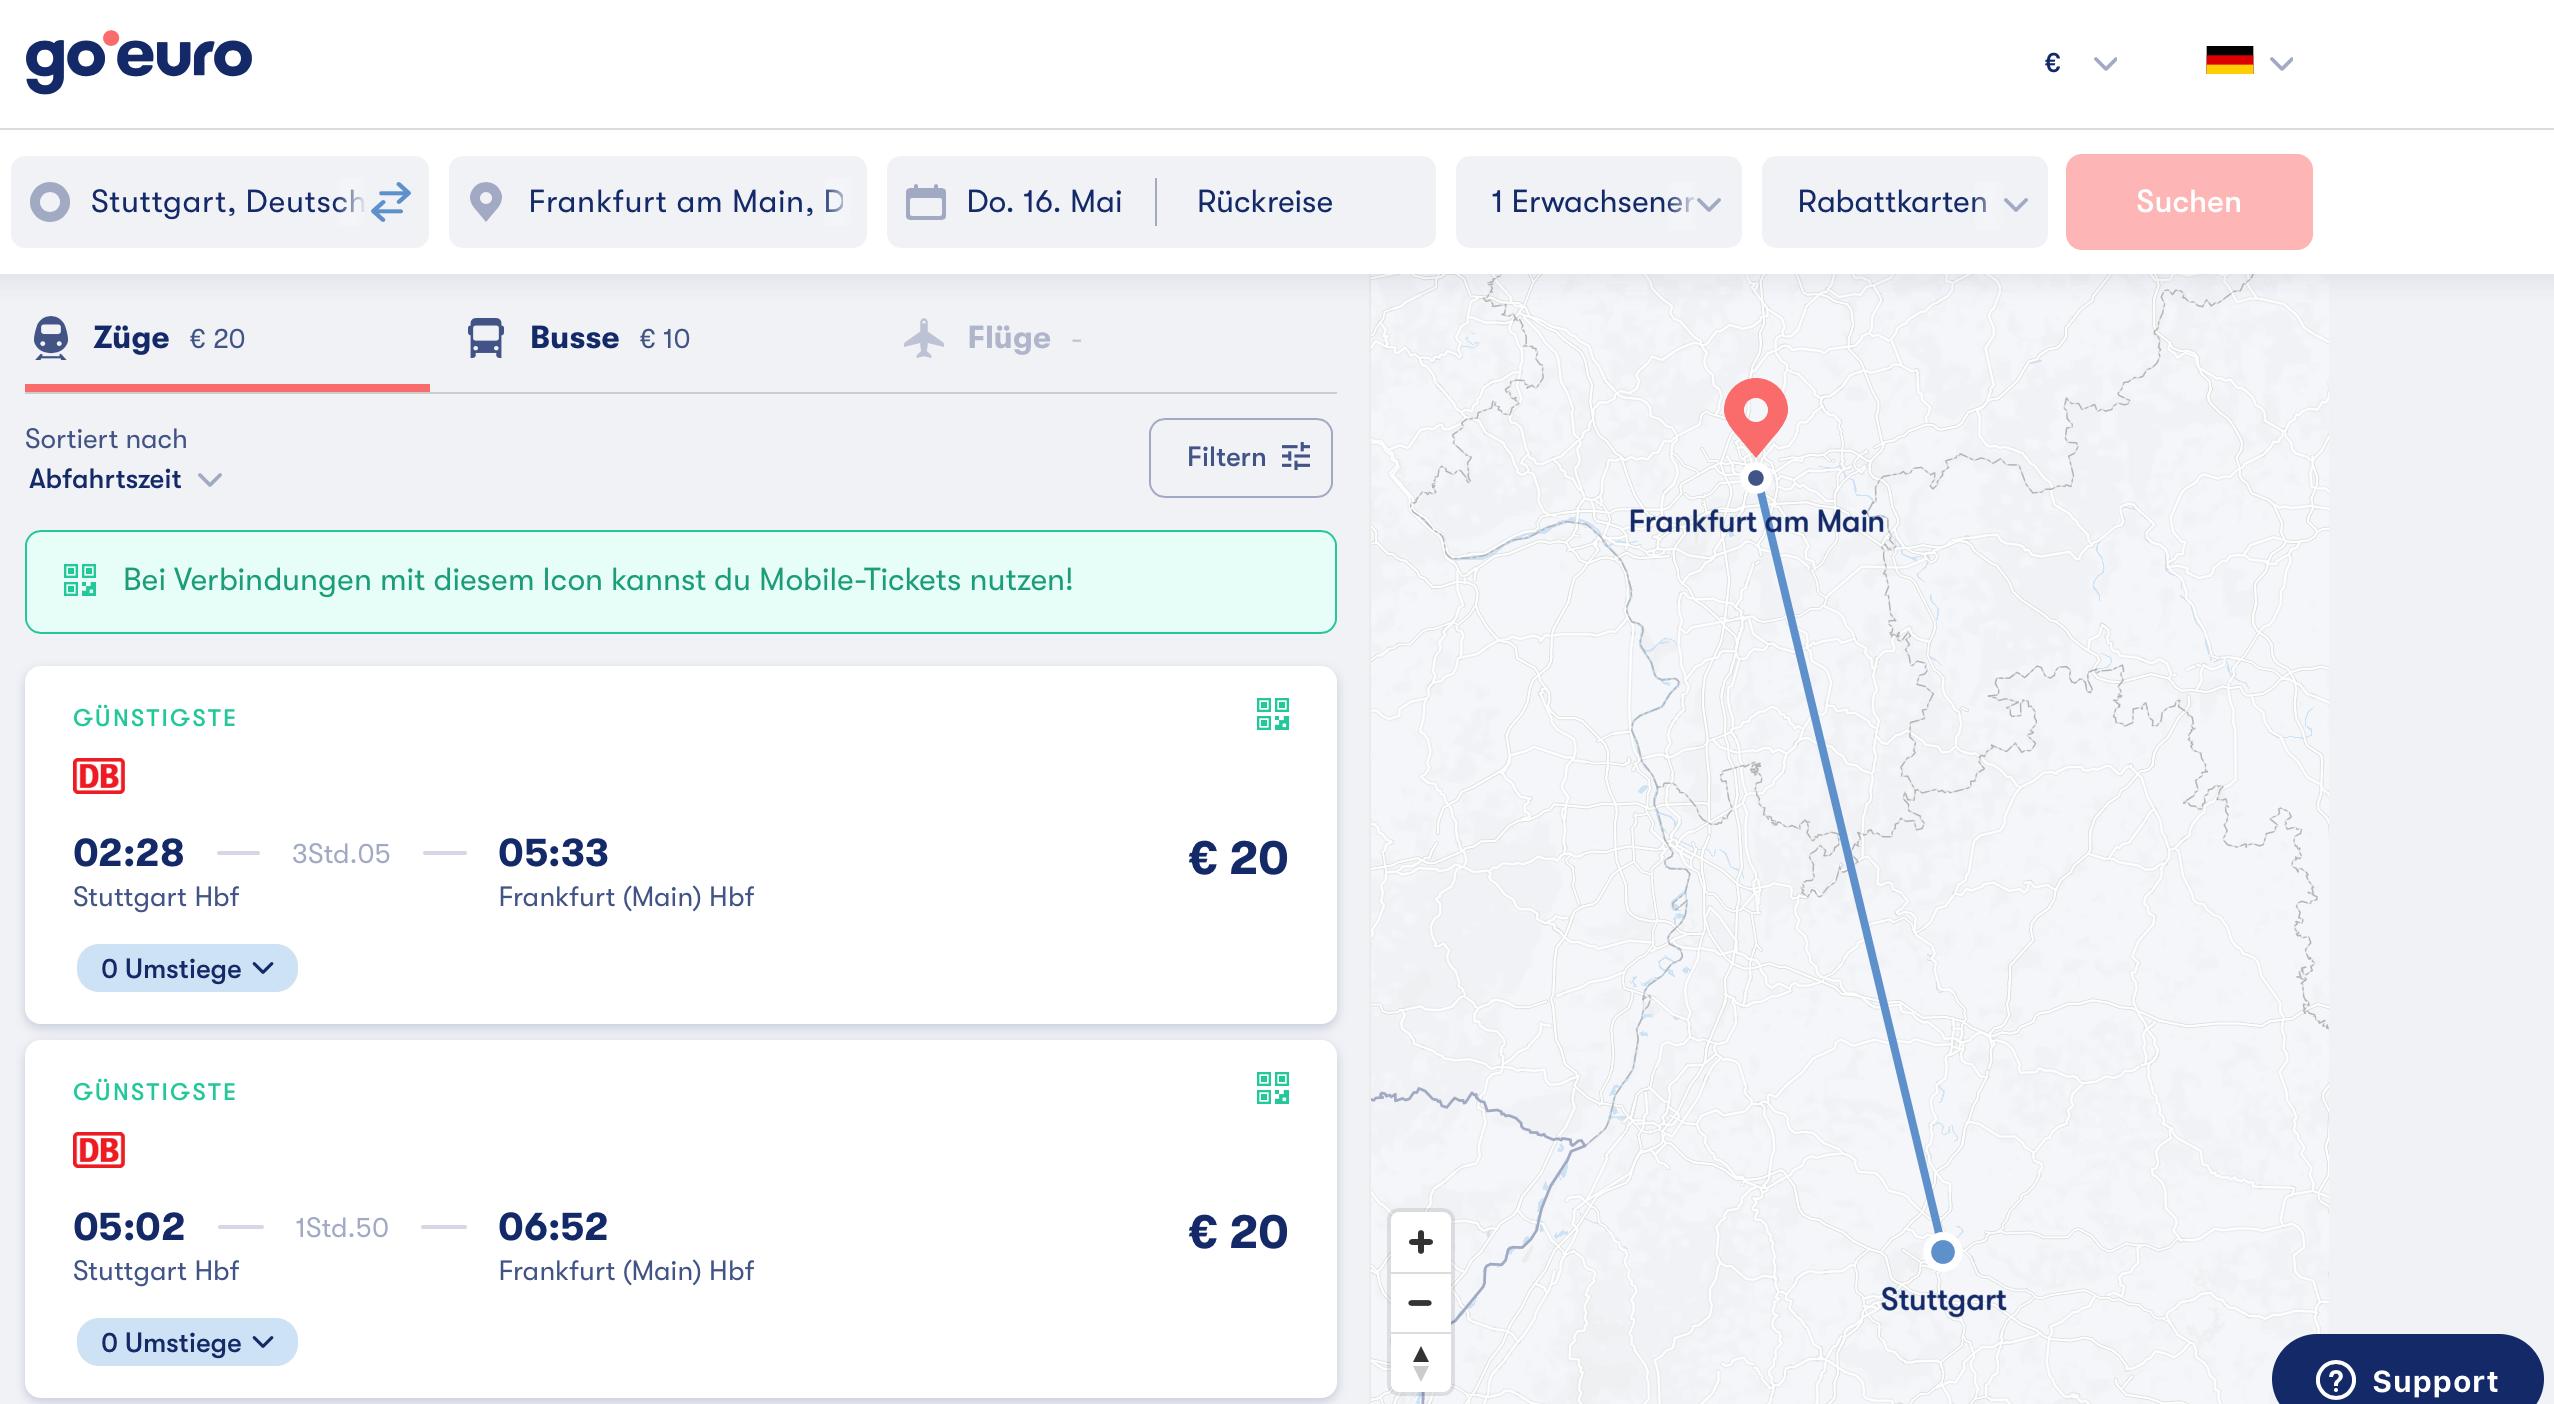 GoEuro.de Stgt Frankfurt ICE 20€